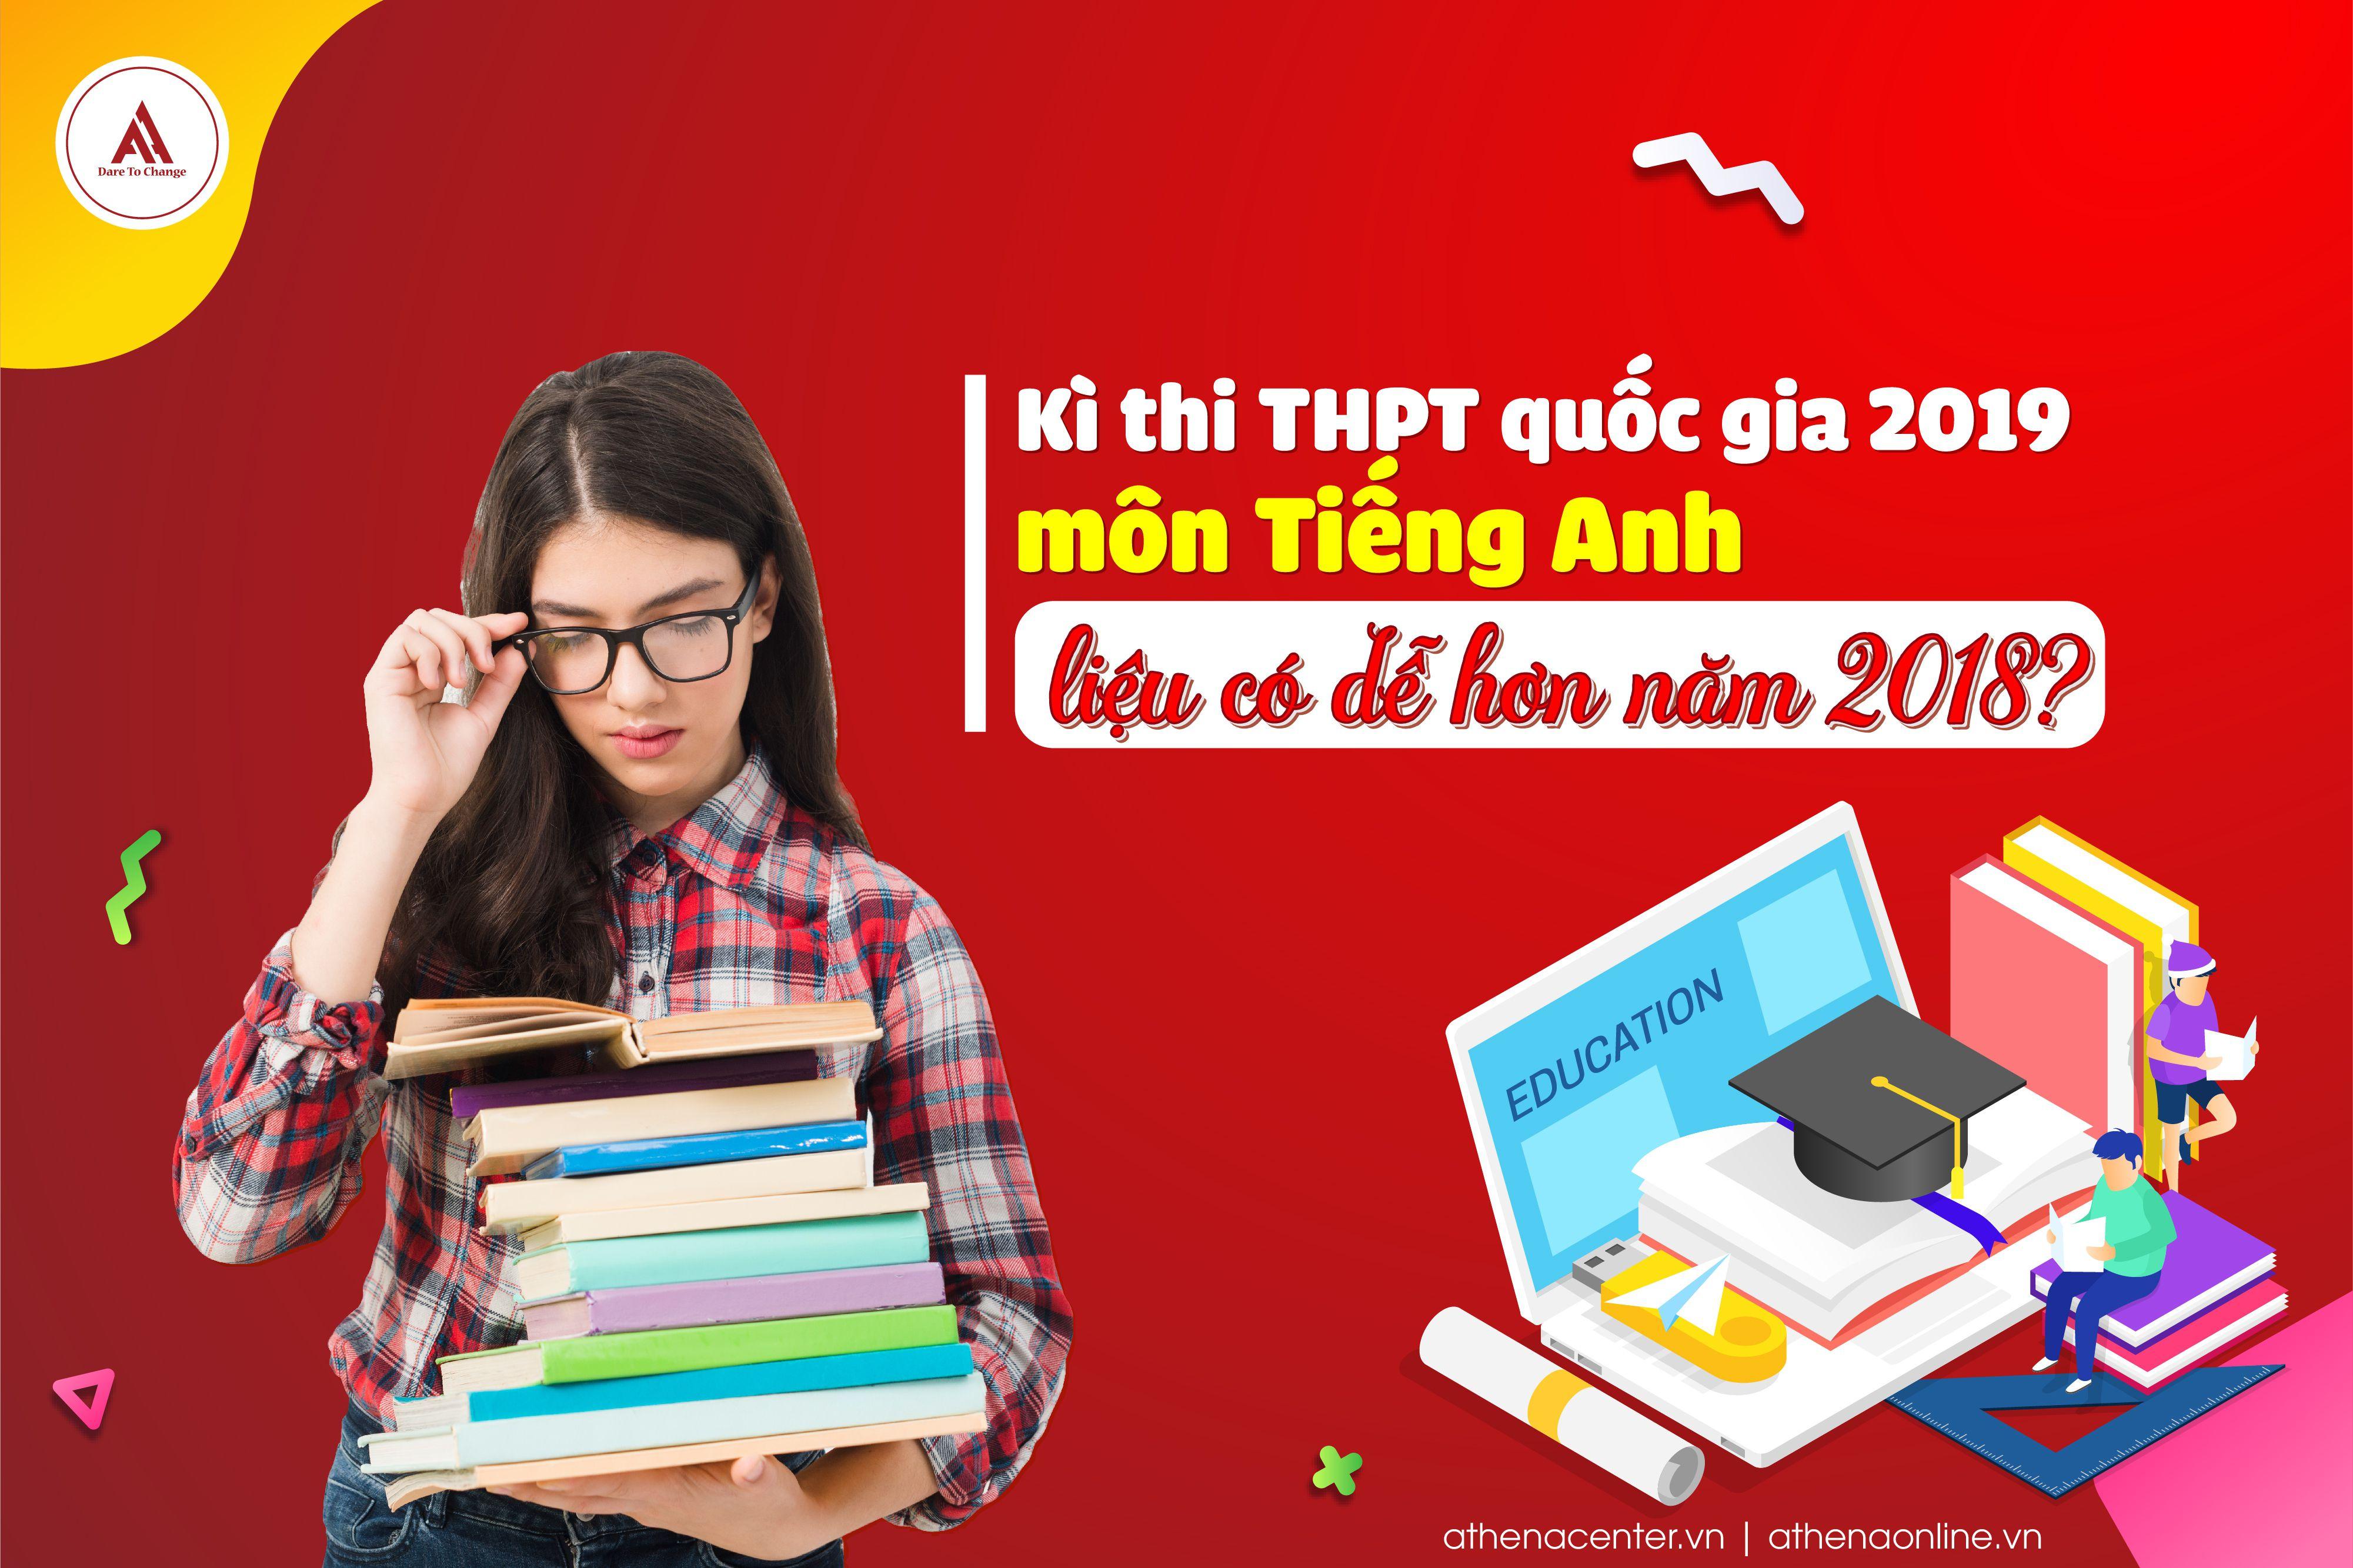 kỳ thi thpt quốc gia 2019 môn tiếng anh - anh ngữ athena